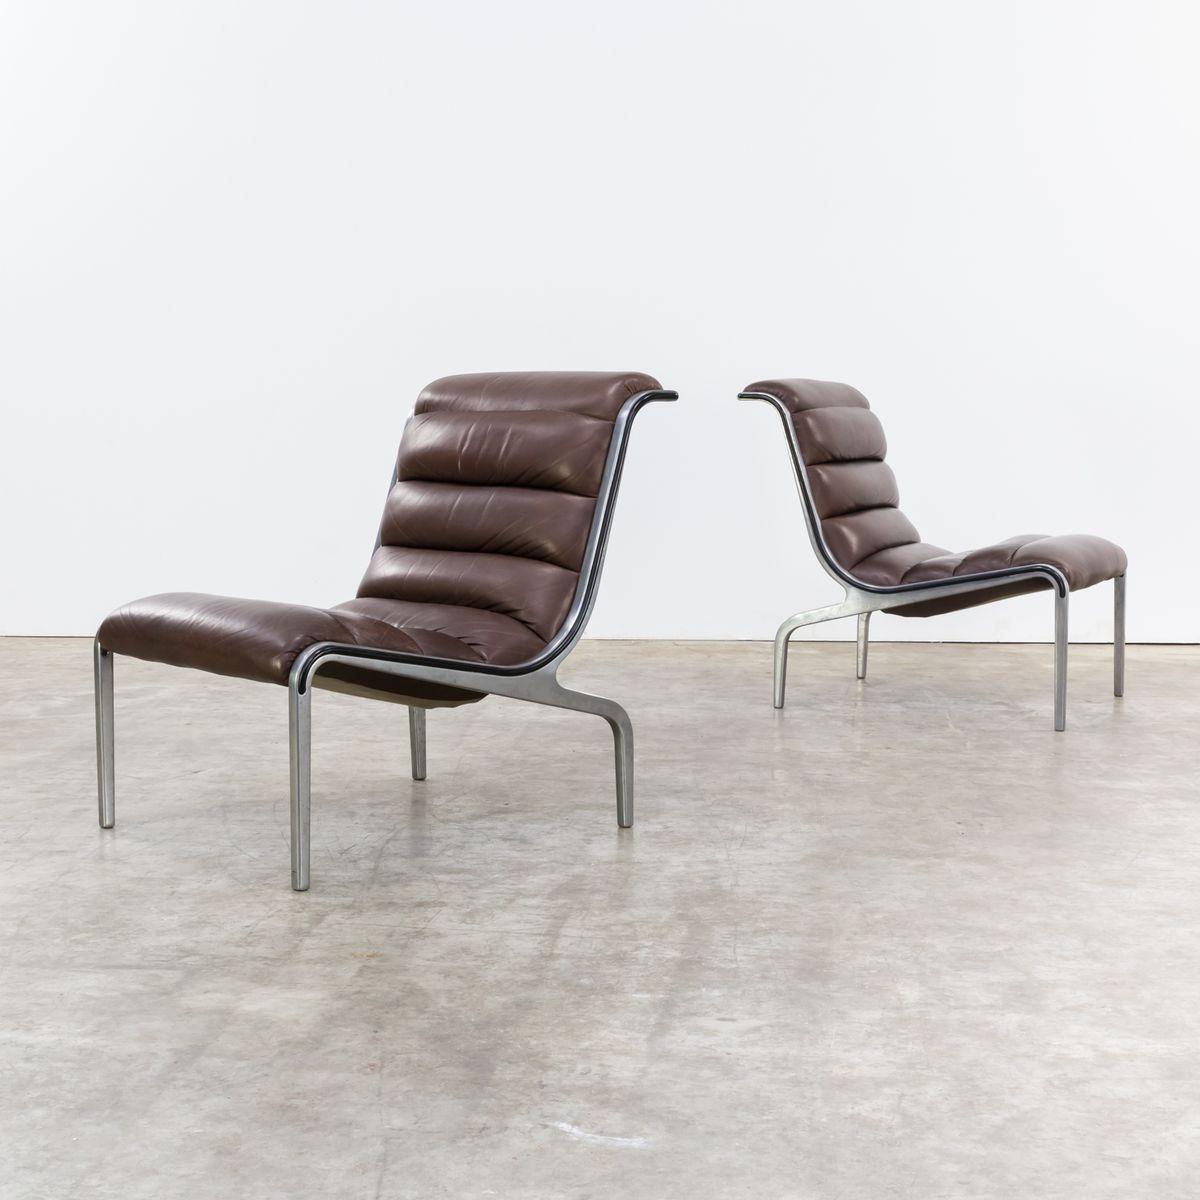 sessel mit niedriger r ckenlehne 1970er 4er set bei. Black Bedroom Furniture Sets. Home Design Ideas